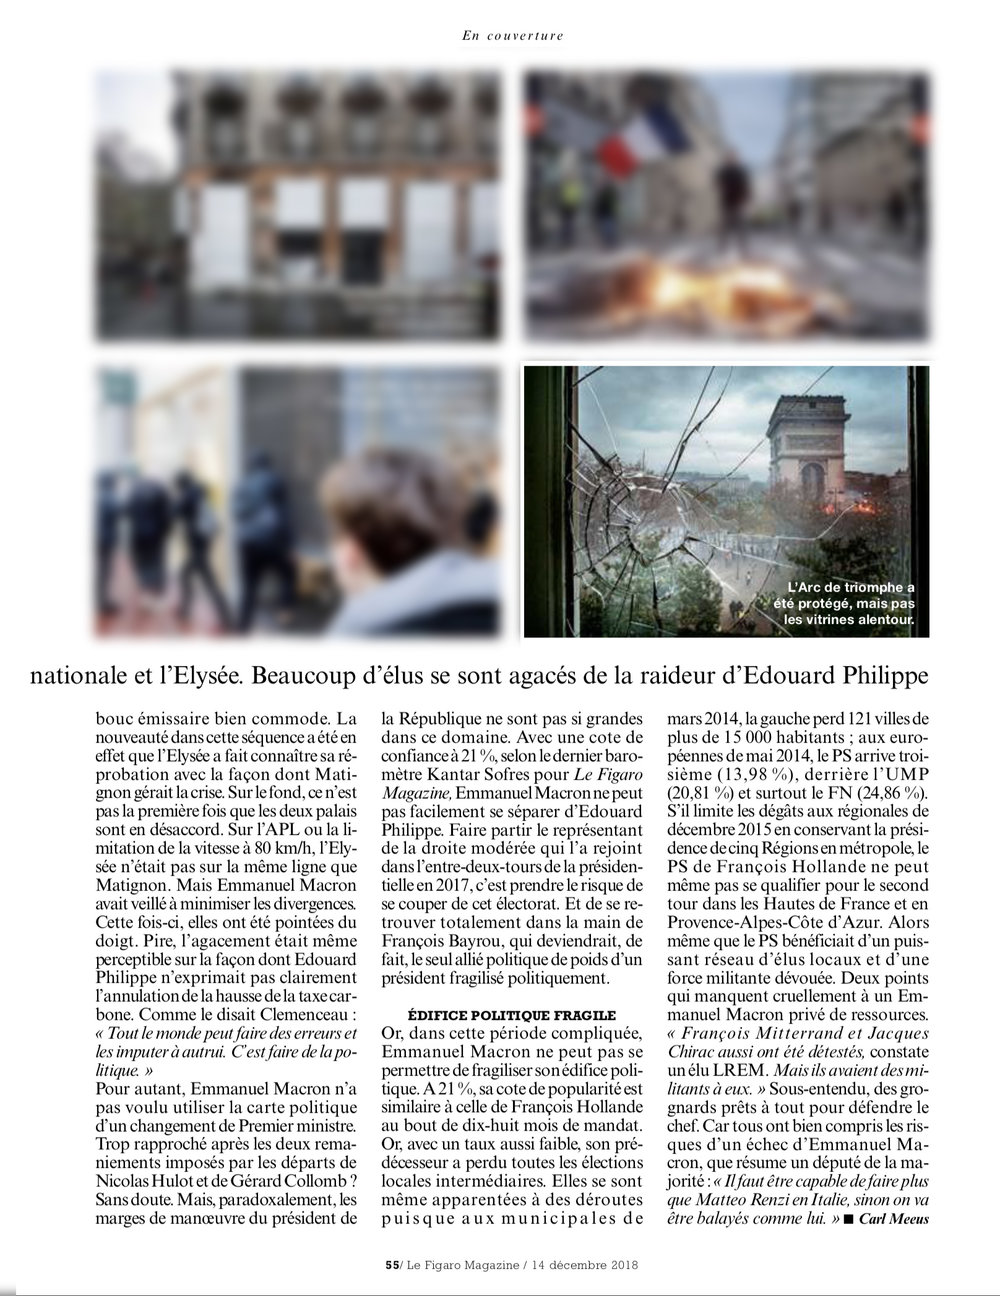 PUBLI - Figaro Magazine - 14 DEC 2018.jpg